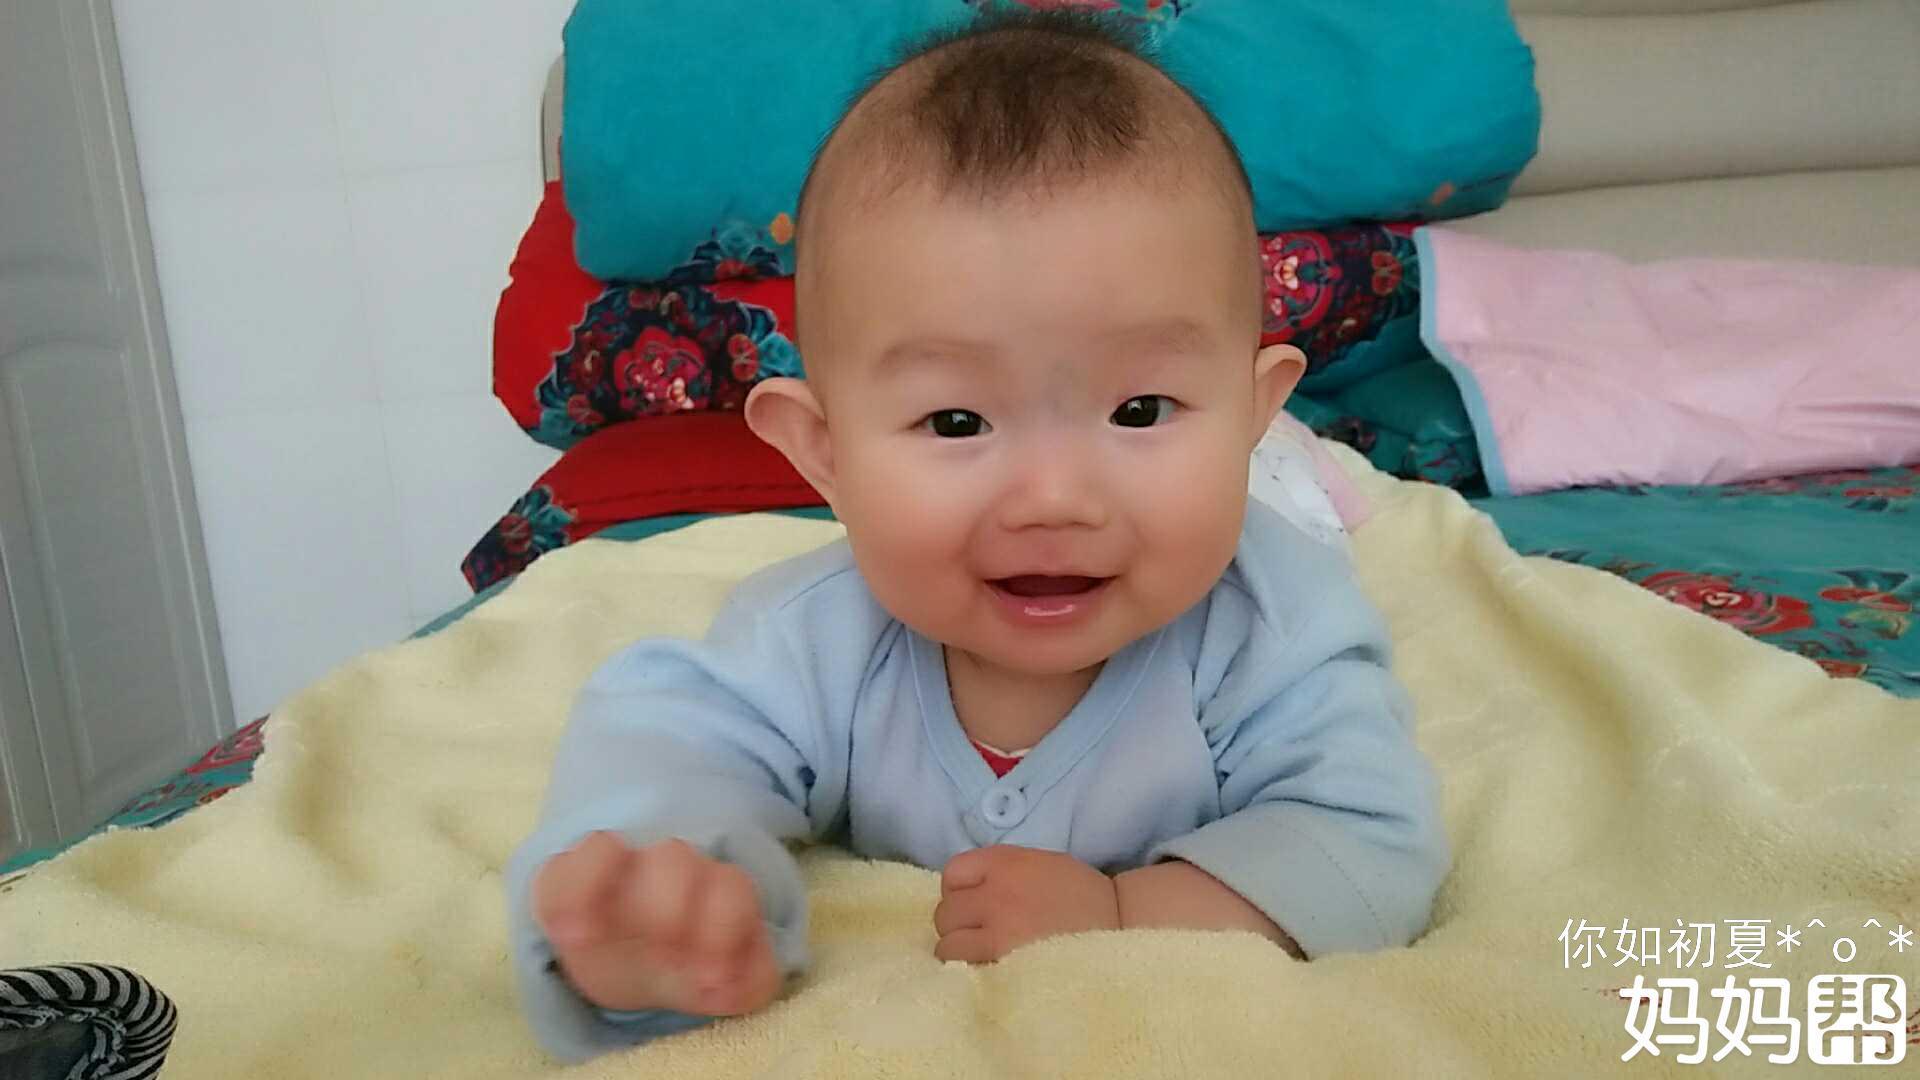 宝宝 壁纸 儿童 孩子 小孩 婴儿 1920_1080